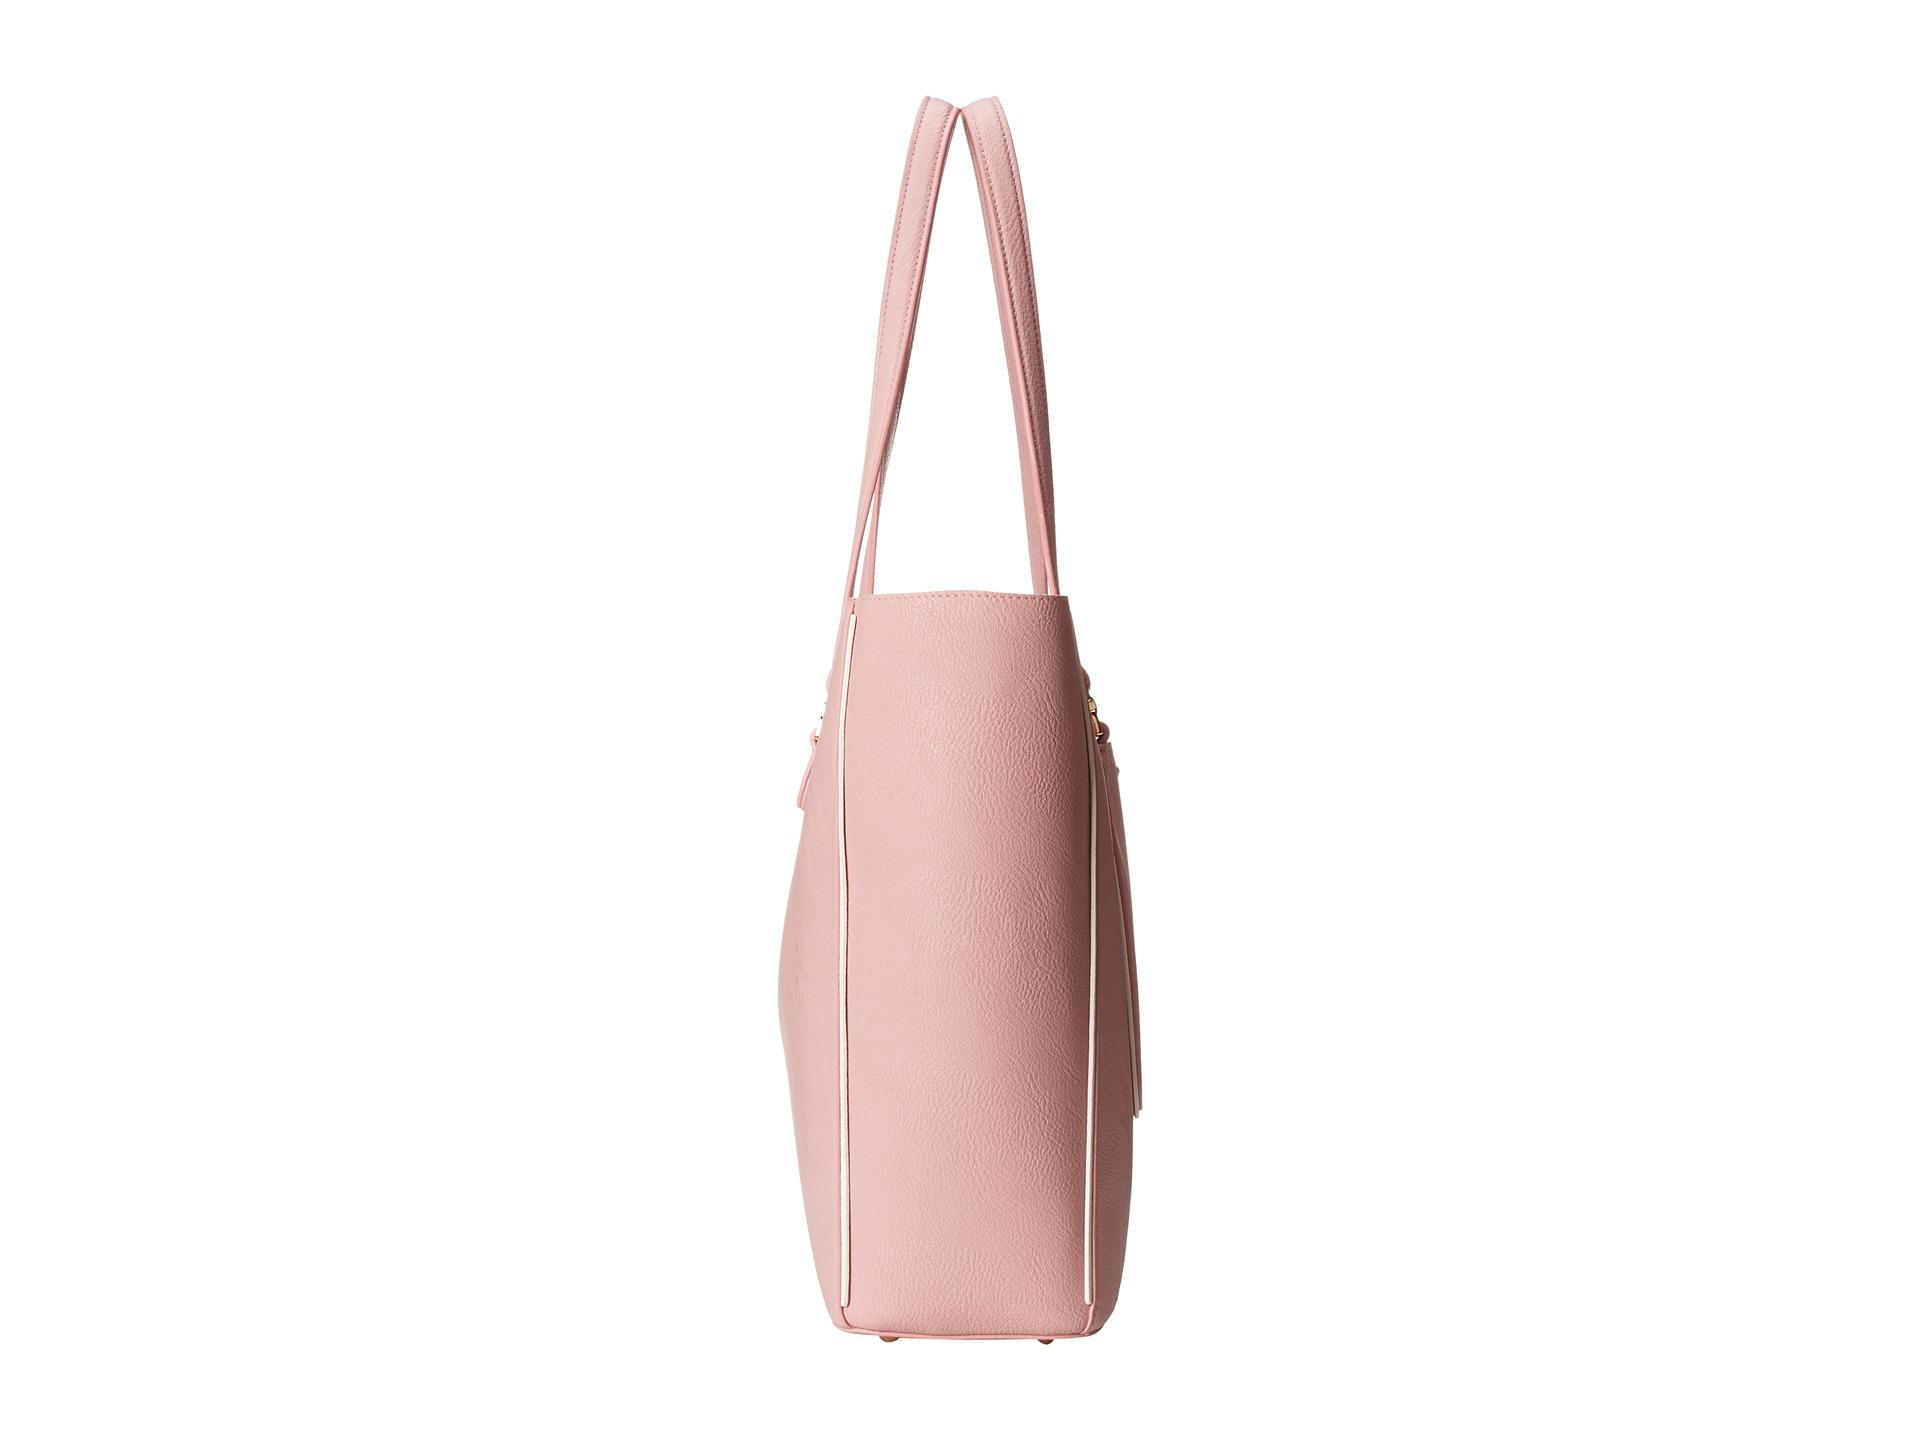 309dbe2e6d Lyst - Lauren by Ralph Lauren Dorset Tote in Pink